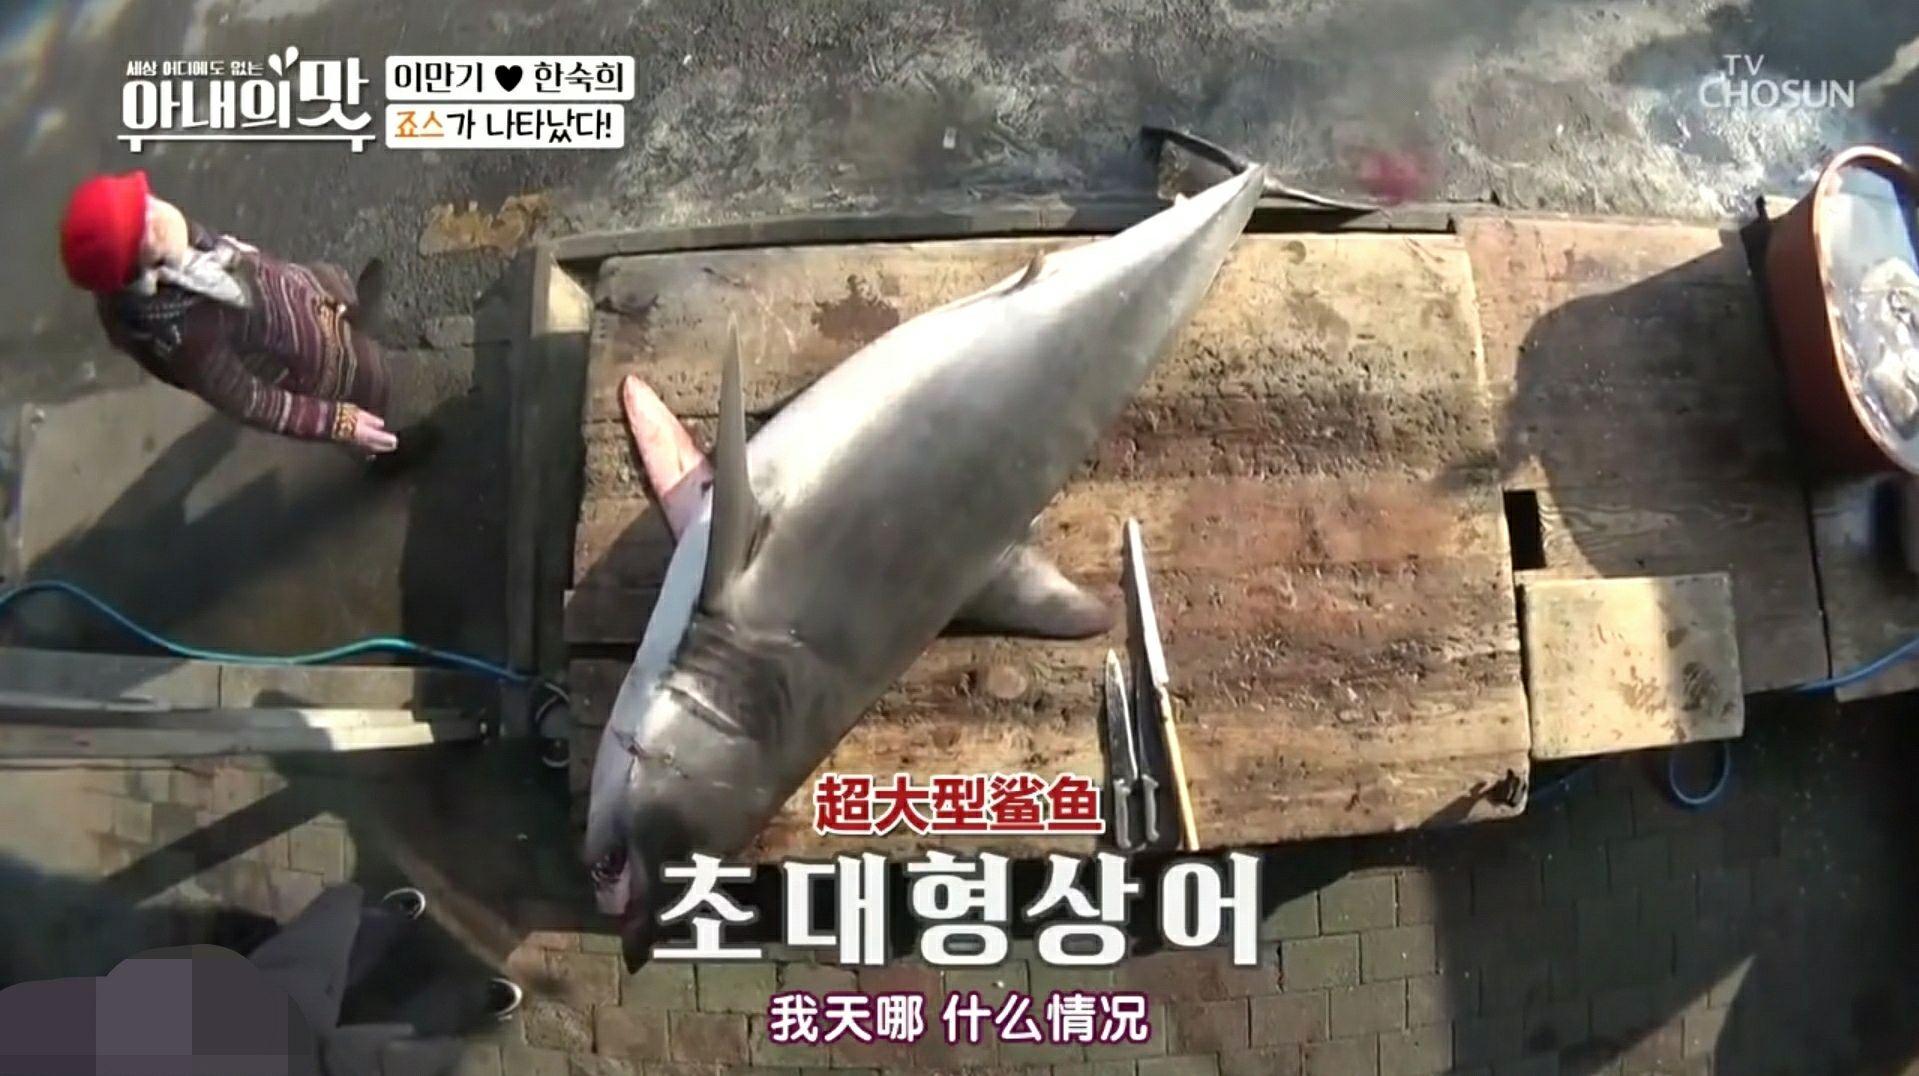 韩综播放捕杀鲨鱼片段,主持人解释不是故意捕捞,中国网友不买账